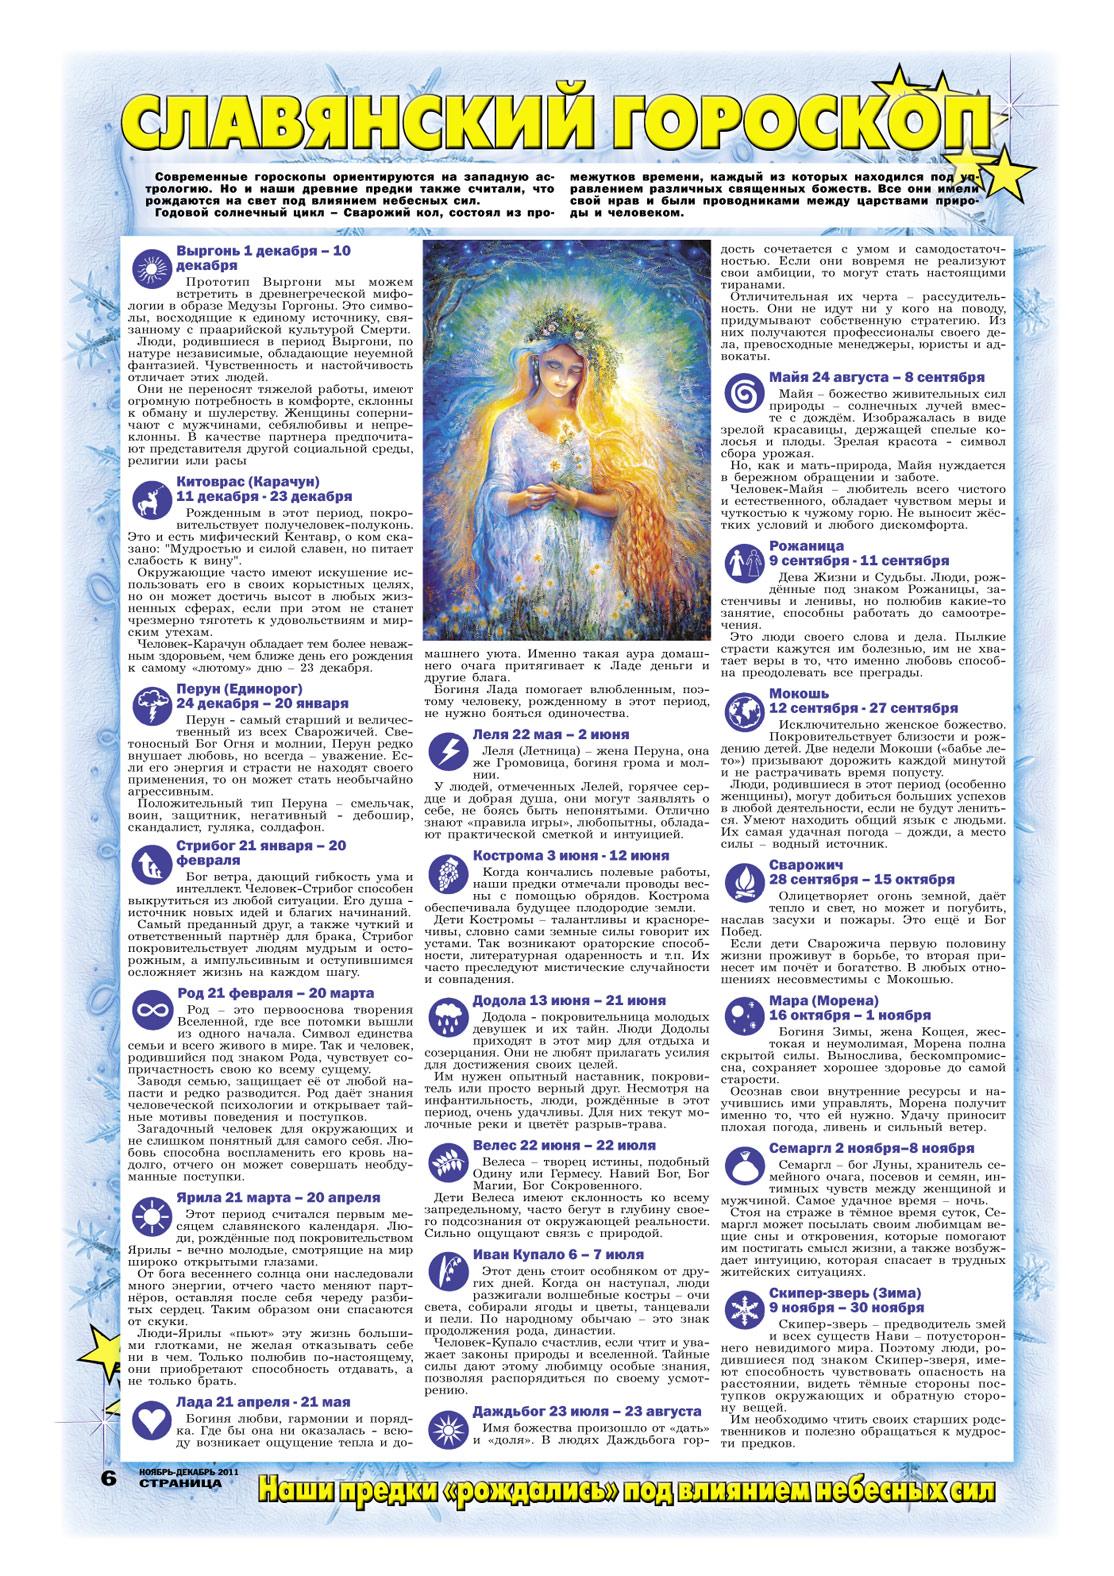 Гороскоп на октябрь важные советы ведическая астрология.